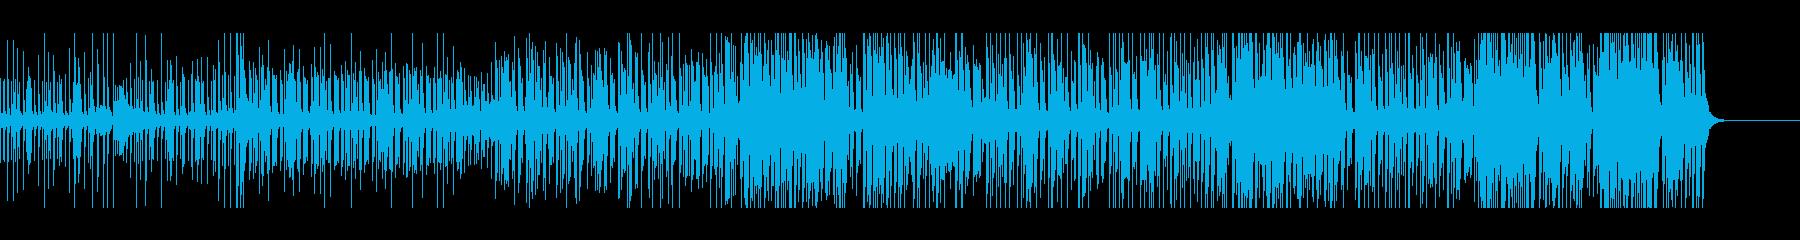 メロディにマリンバを配したレトロロック感の再生済みの波形